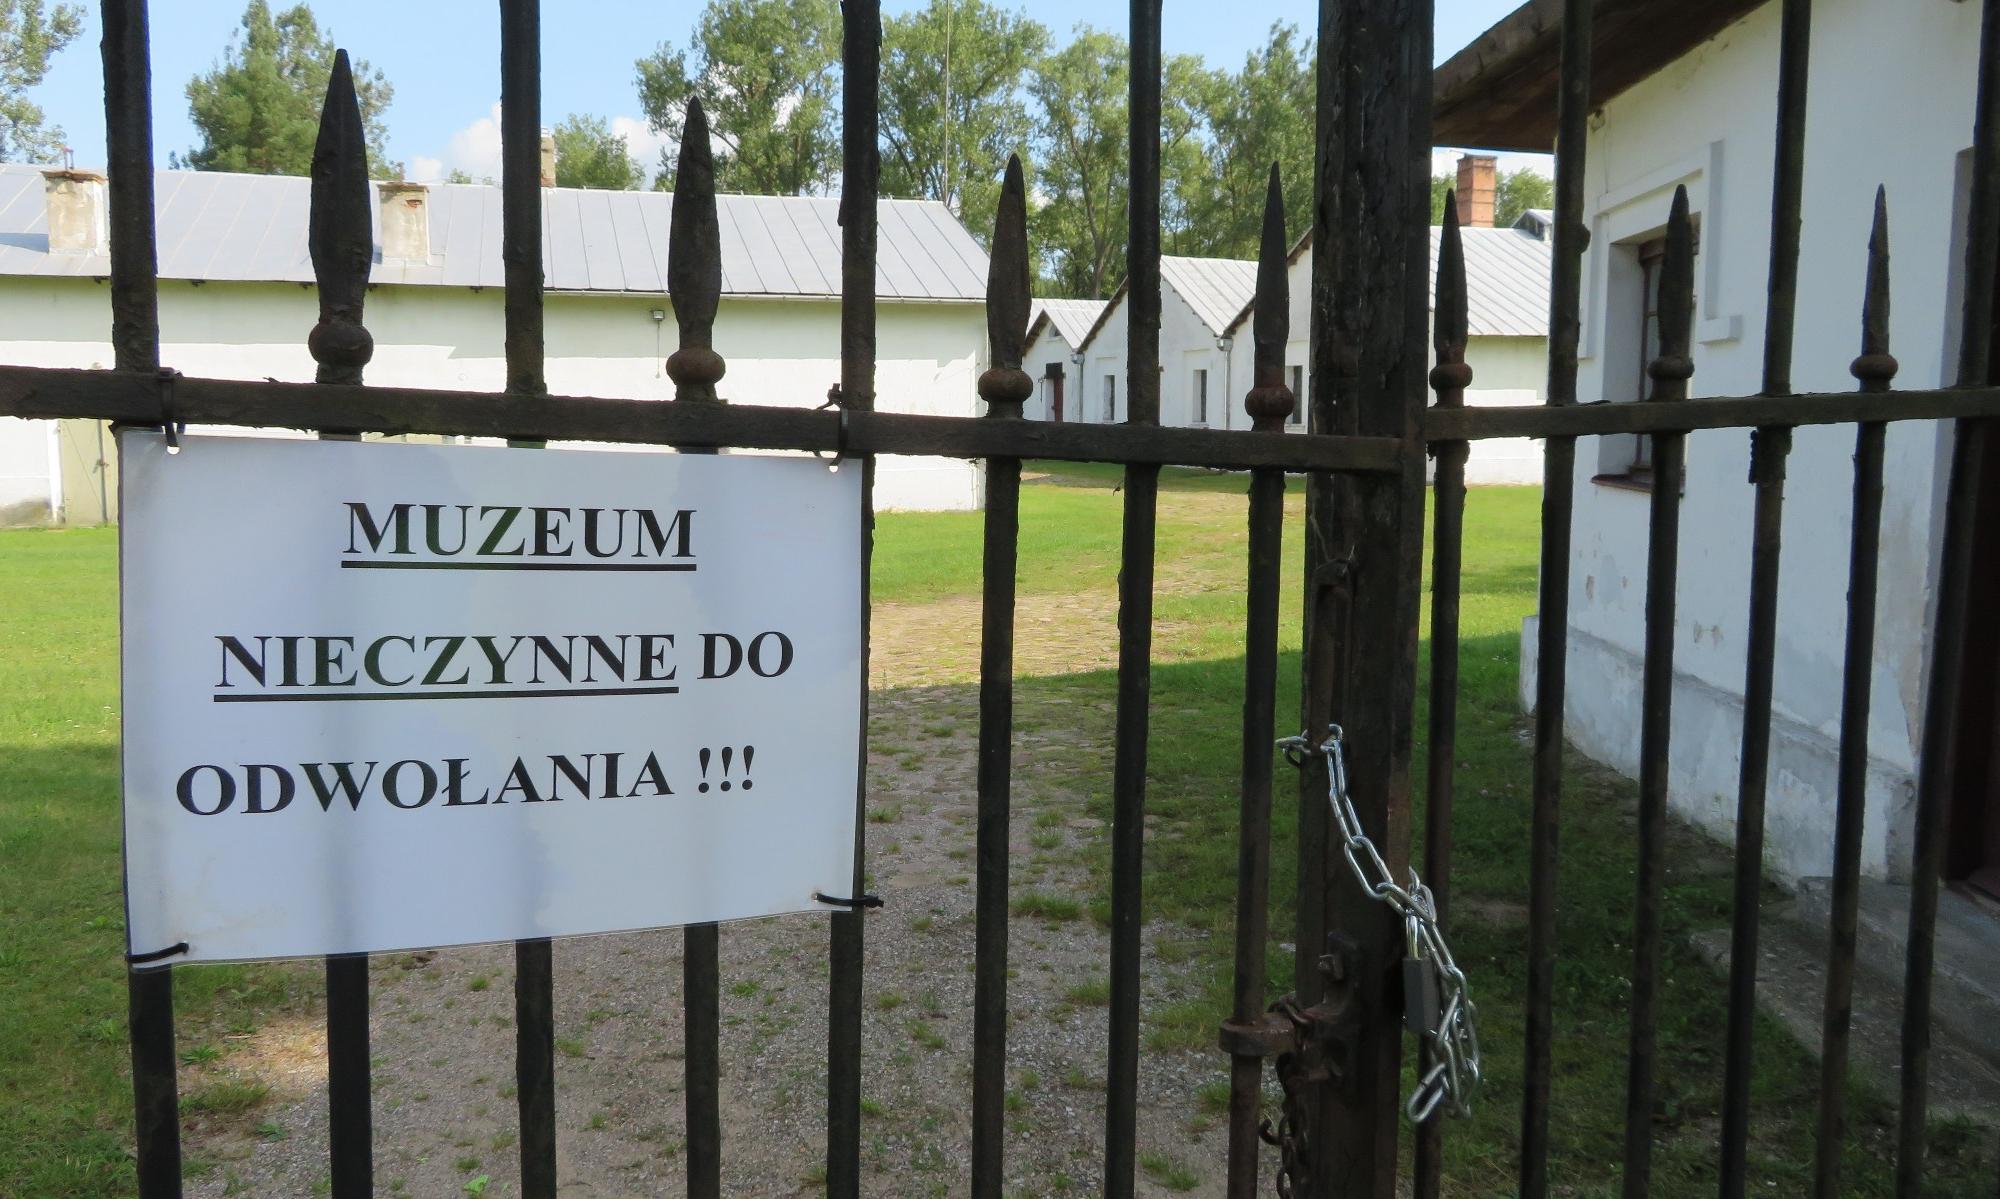 Tablice przy szlaku zachęcają do odwiedzenia Muzeum Techniki Zagłębia Staropolskiego, ale...